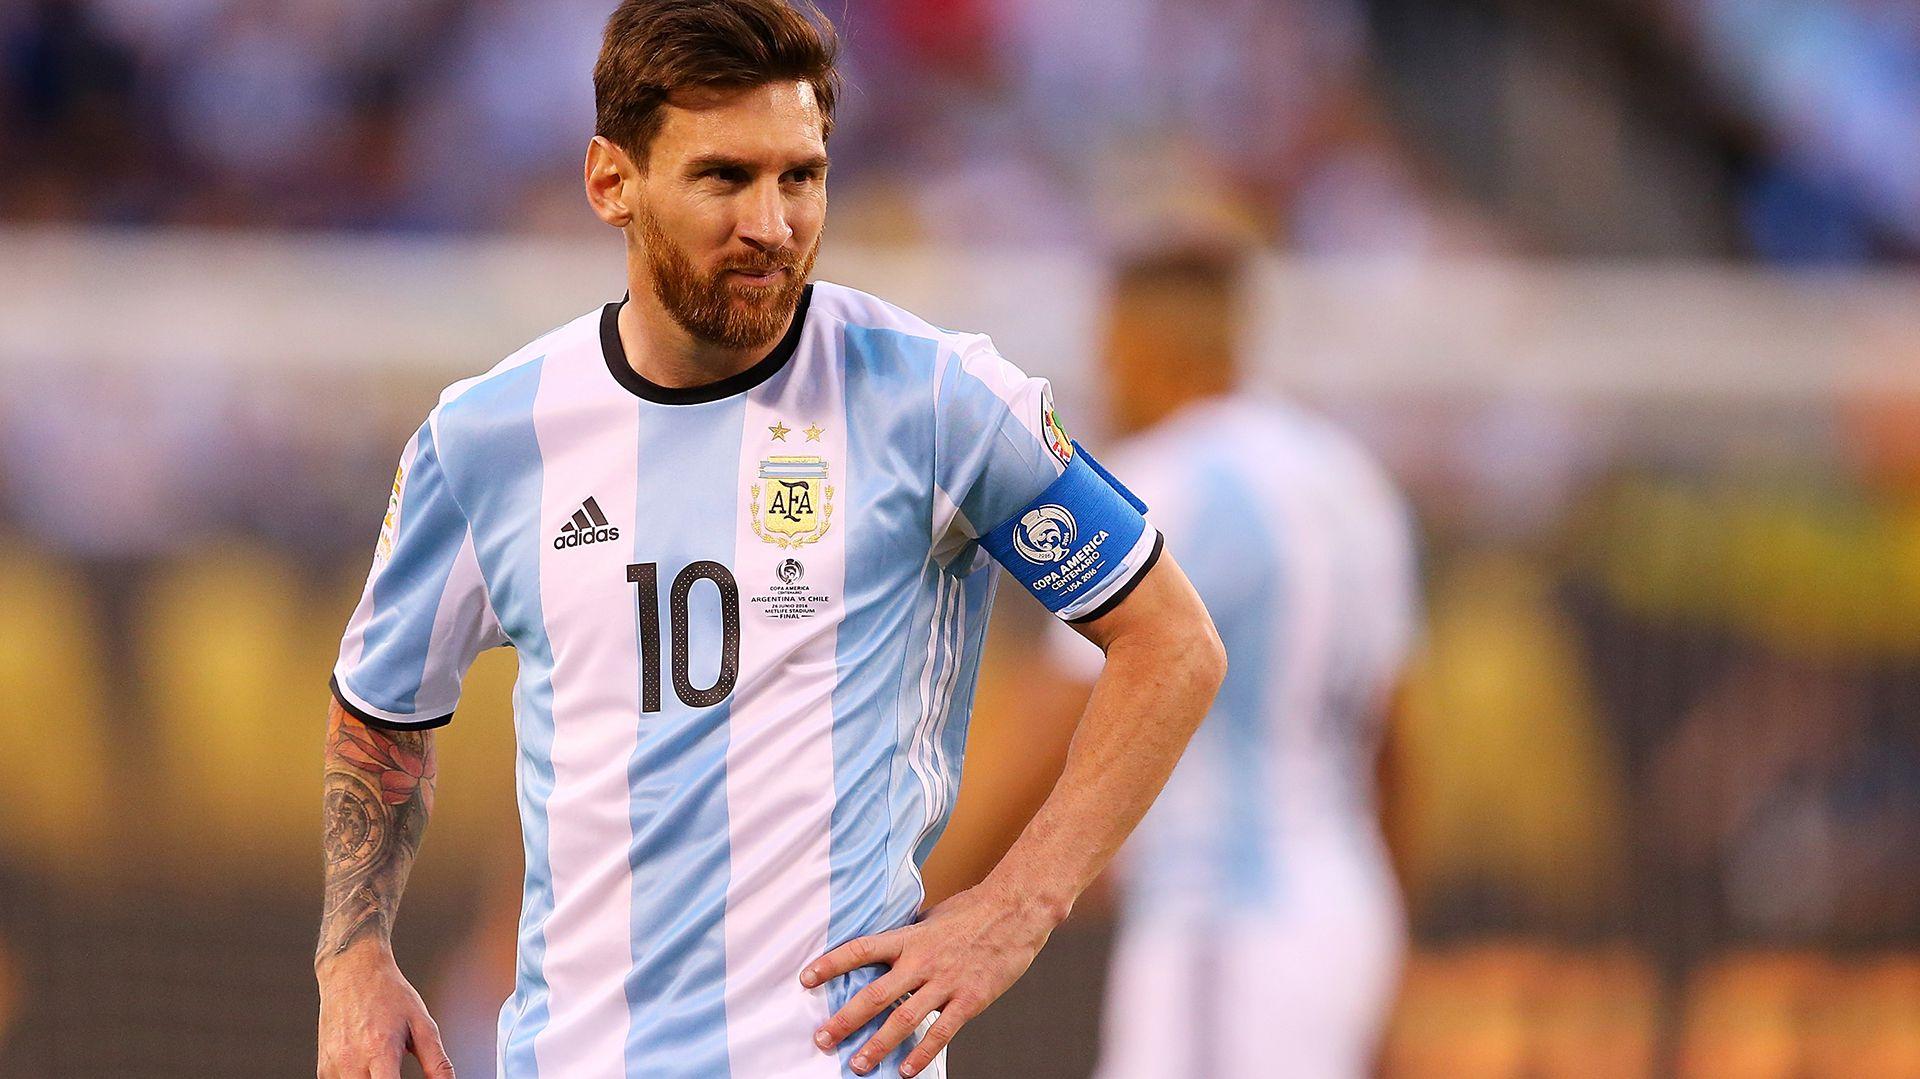 Con barba tupida durante la Copa América del 2016